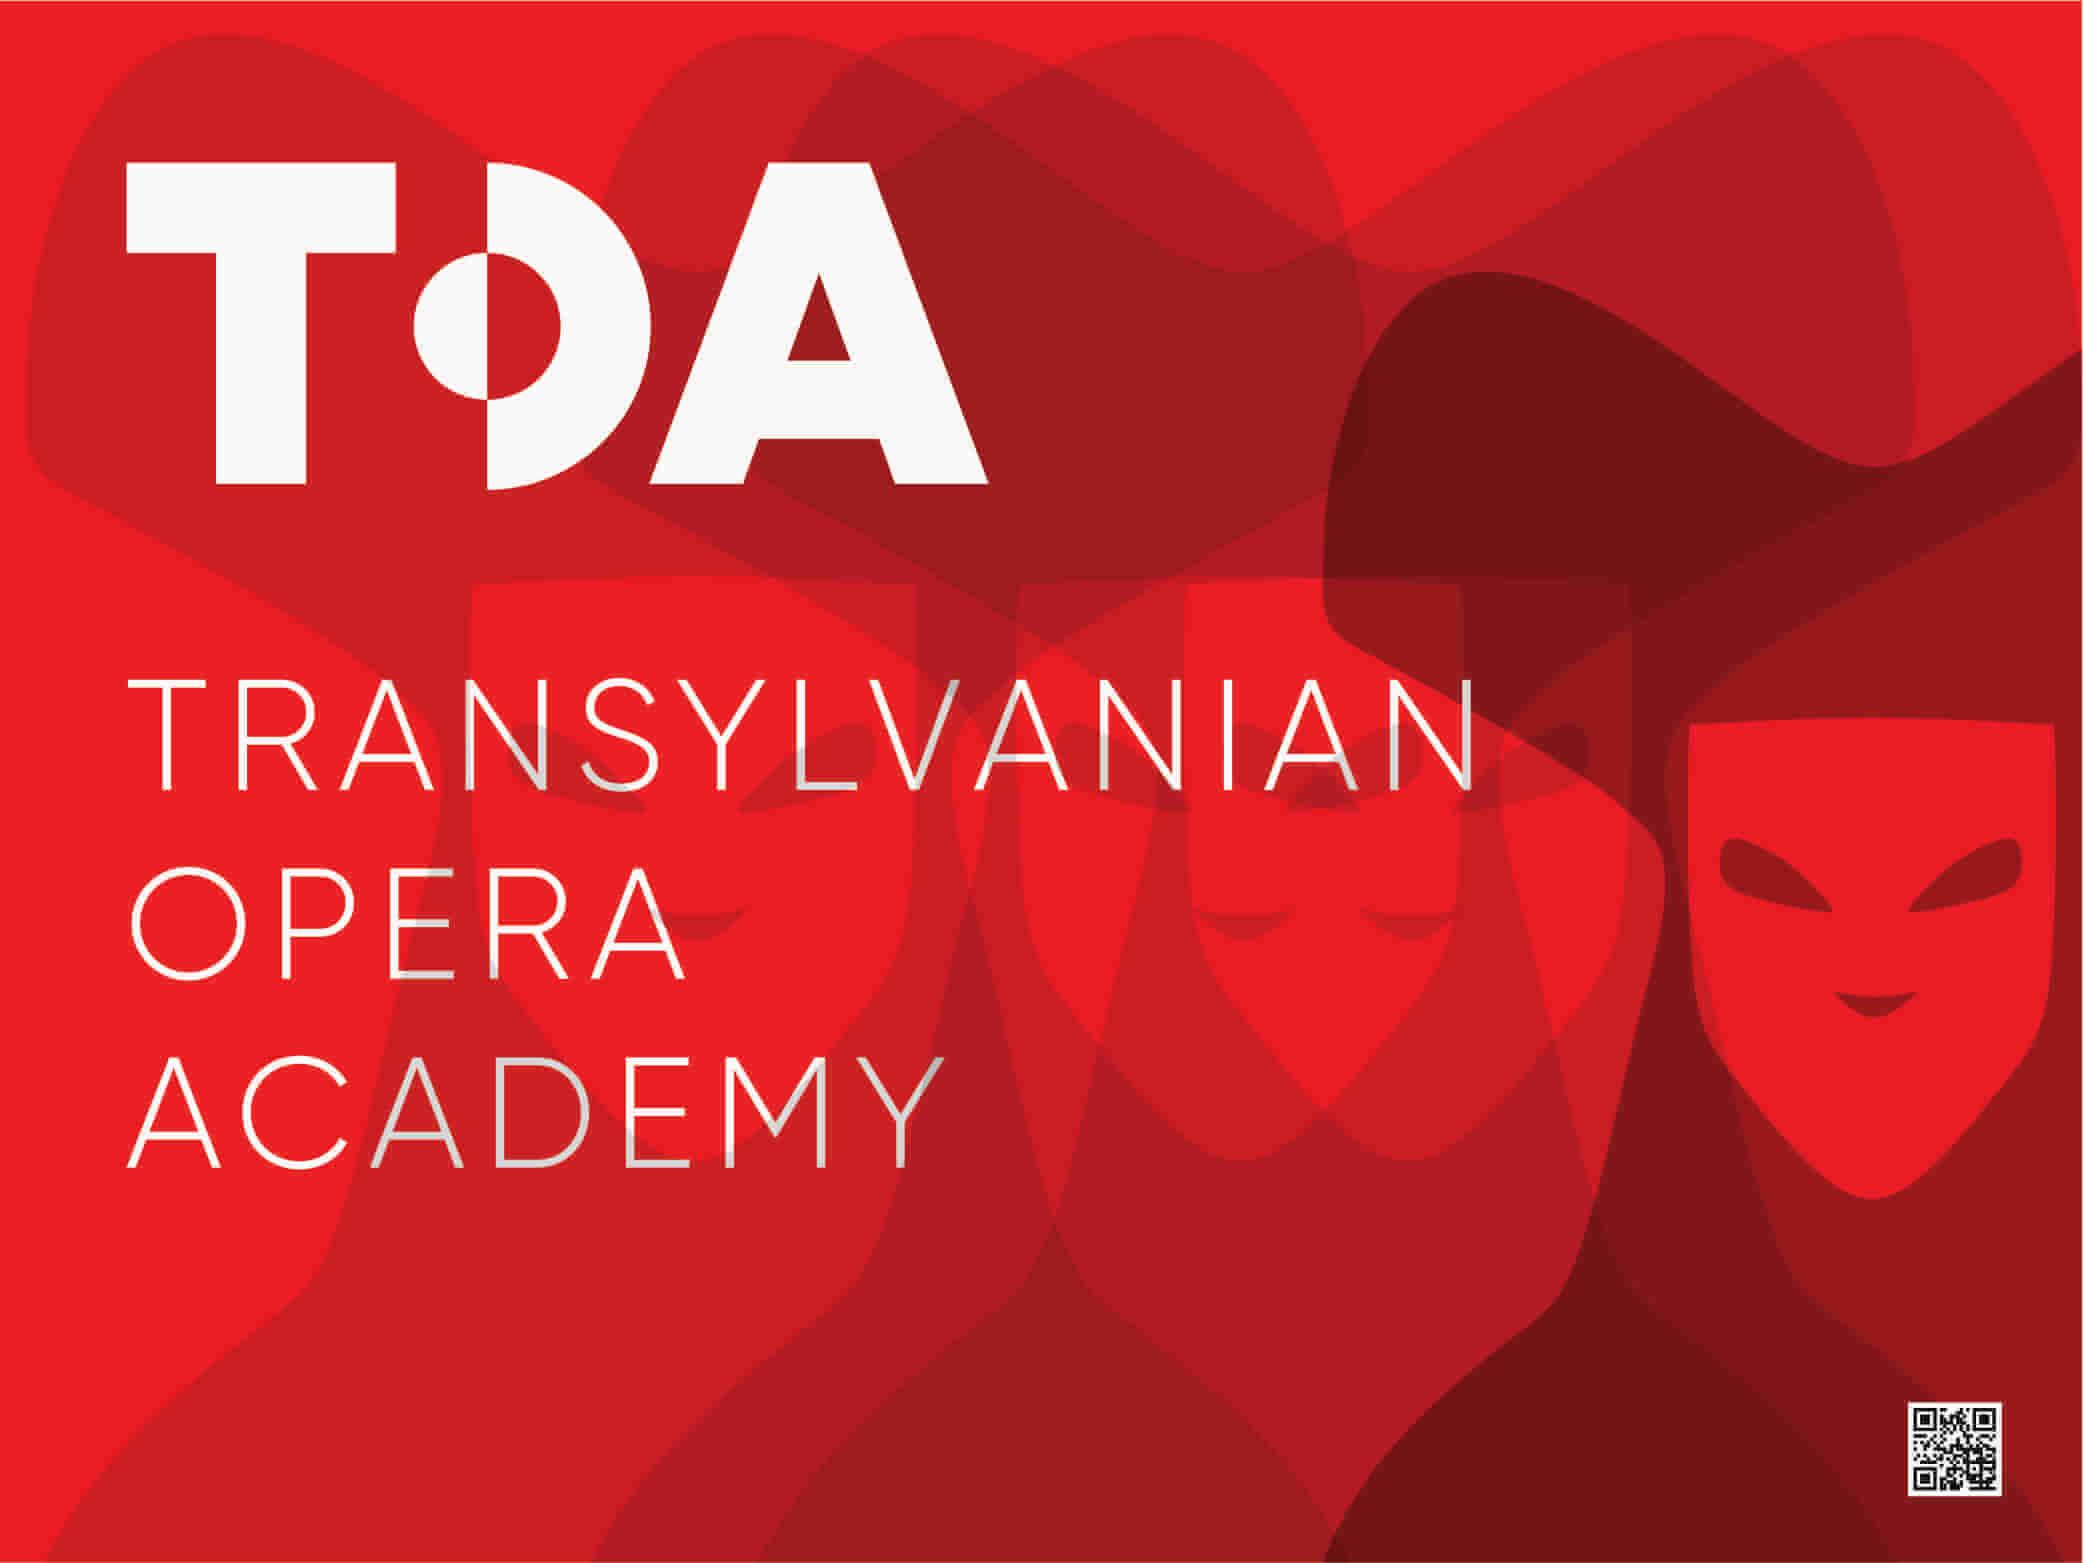 Felicitări noilor membrii ai Academiei TOA!